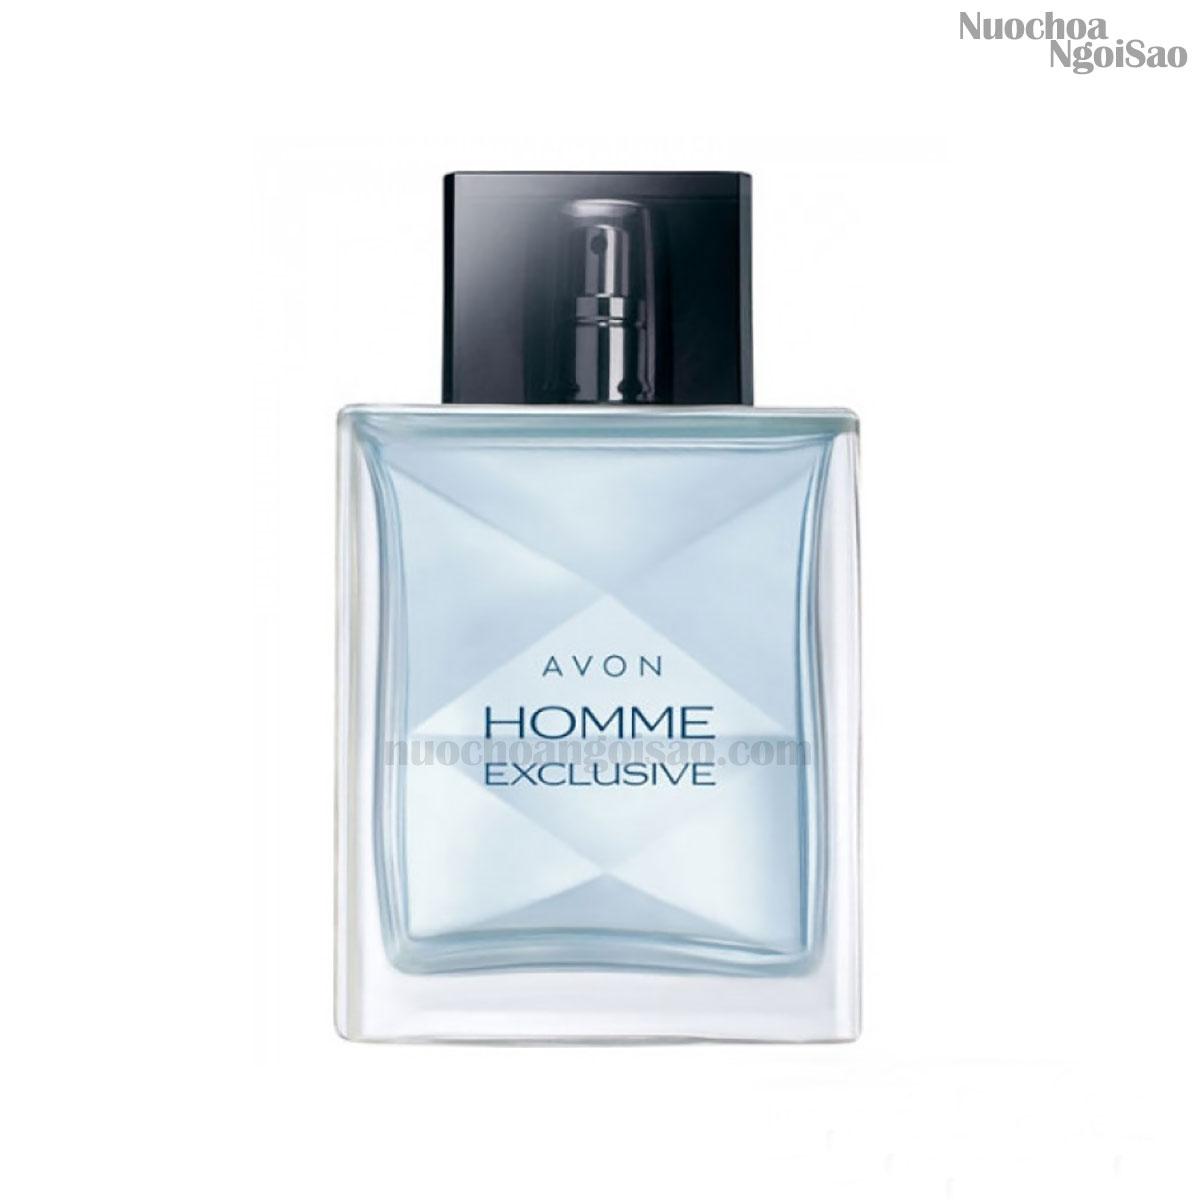 Nước hoa nam Avon Homme của hãng AVON